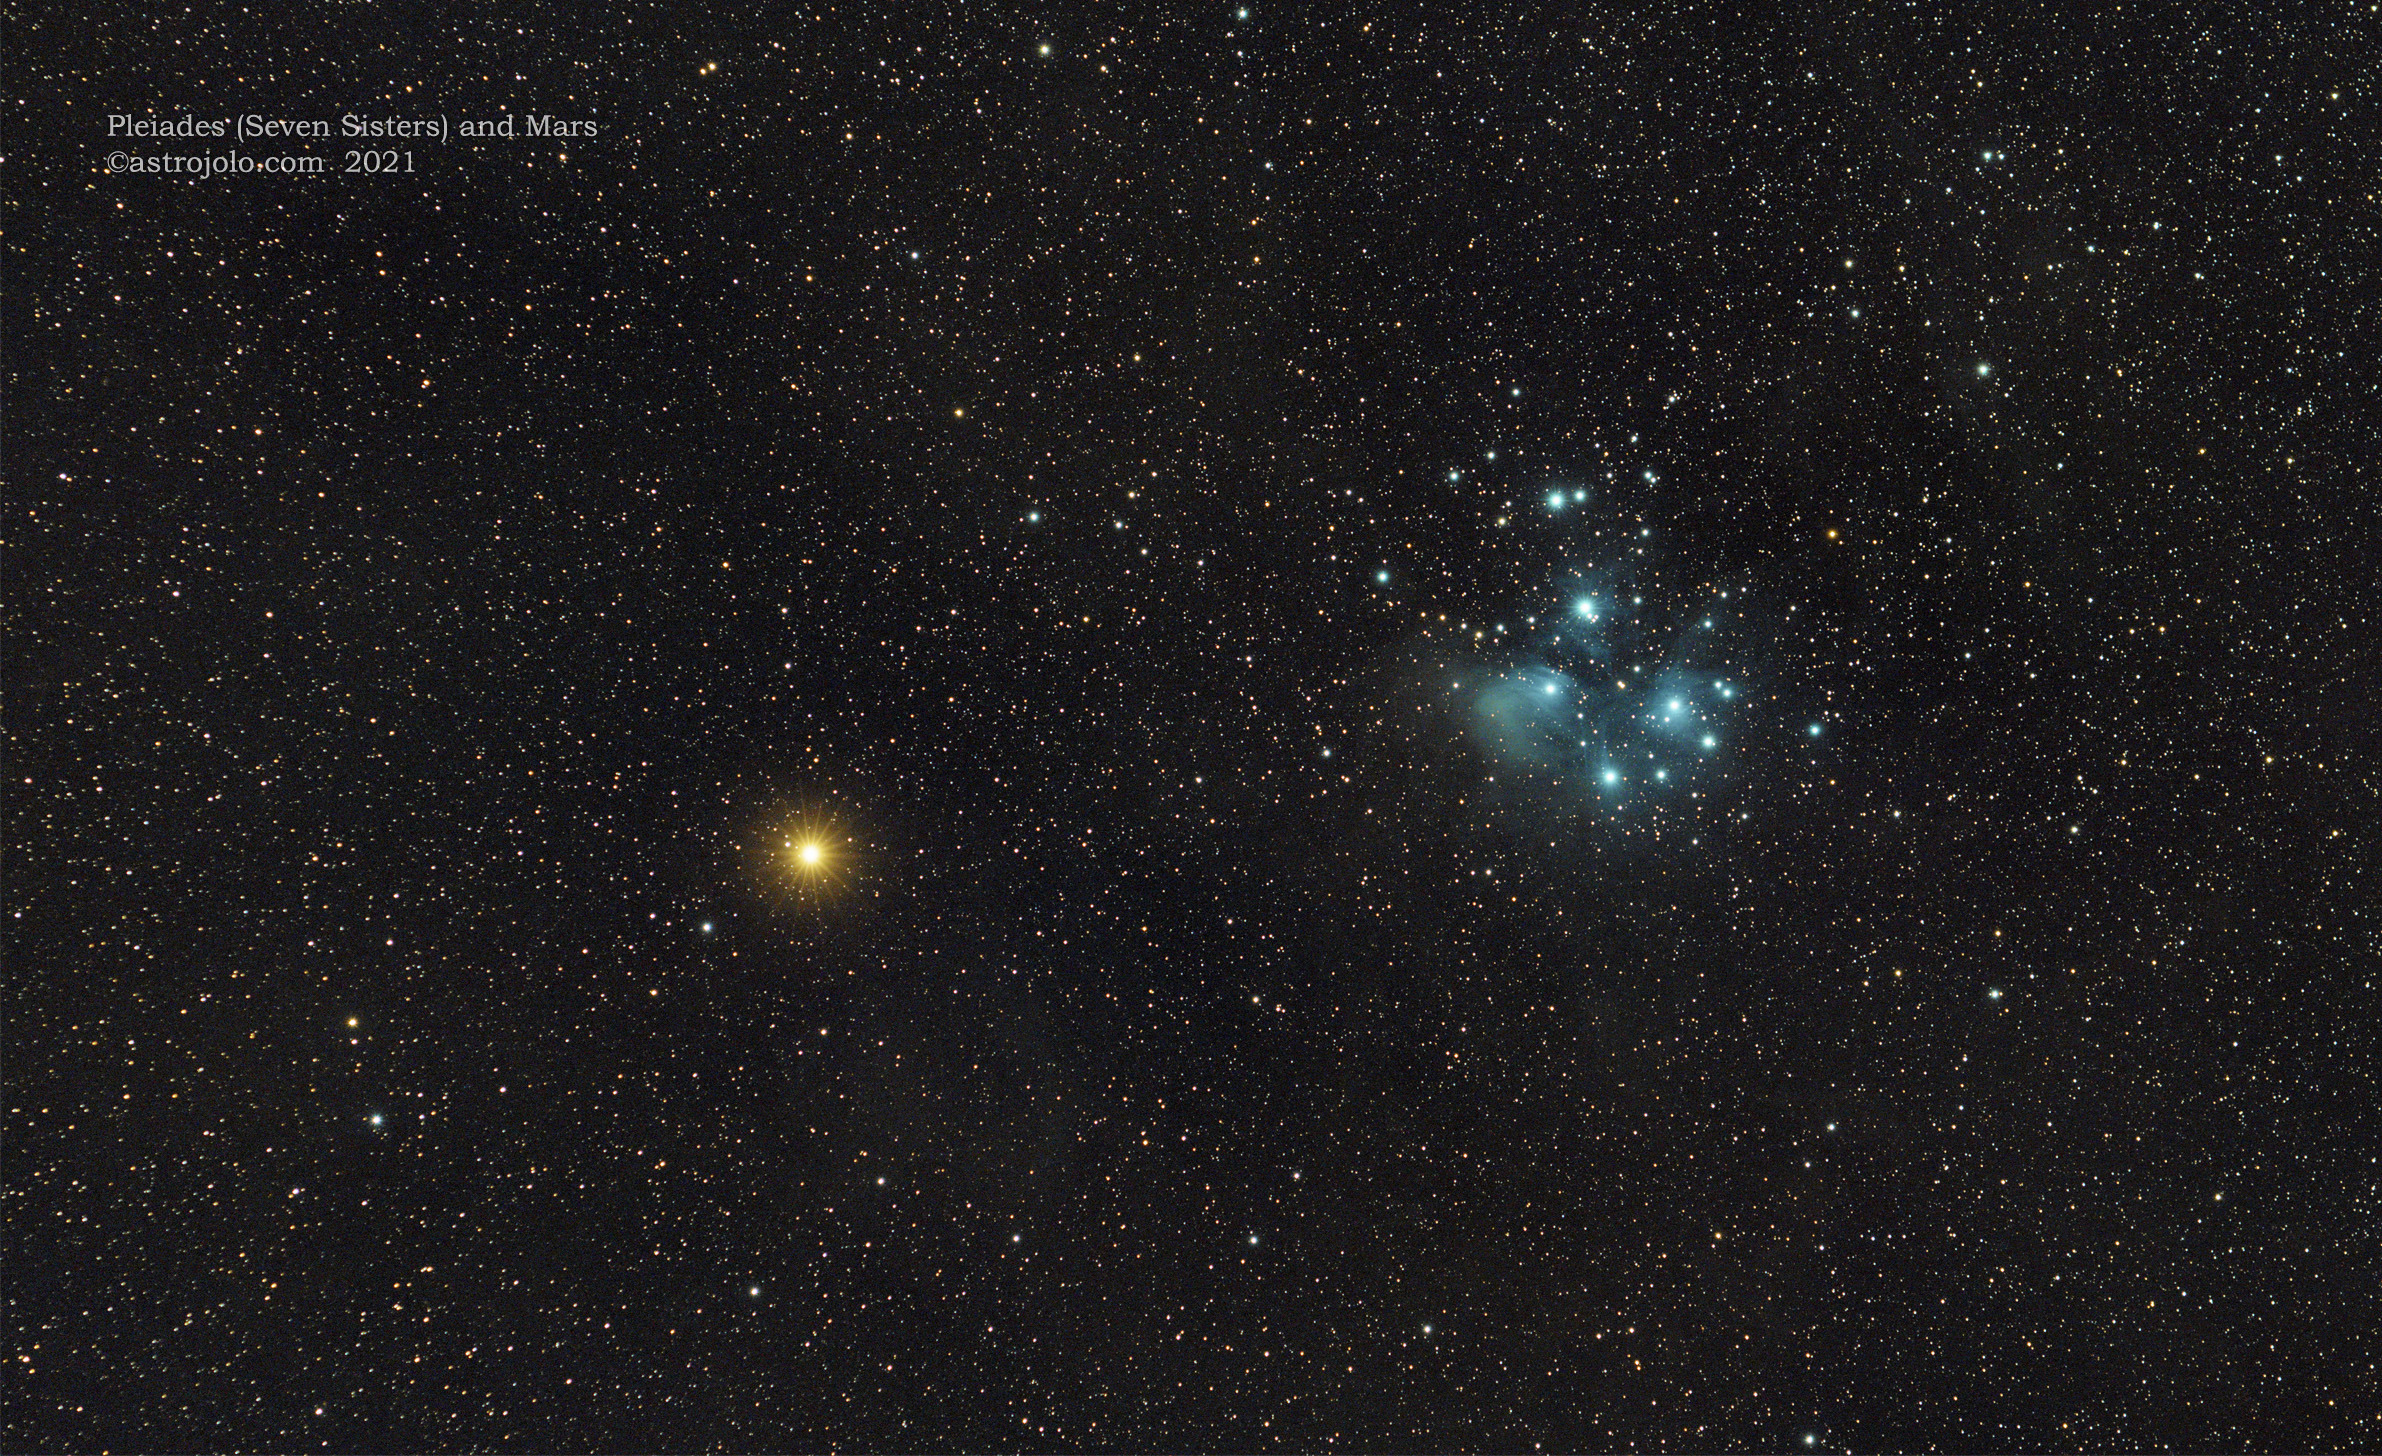 2021-03-02-Pleiades-and-Mars.jpg